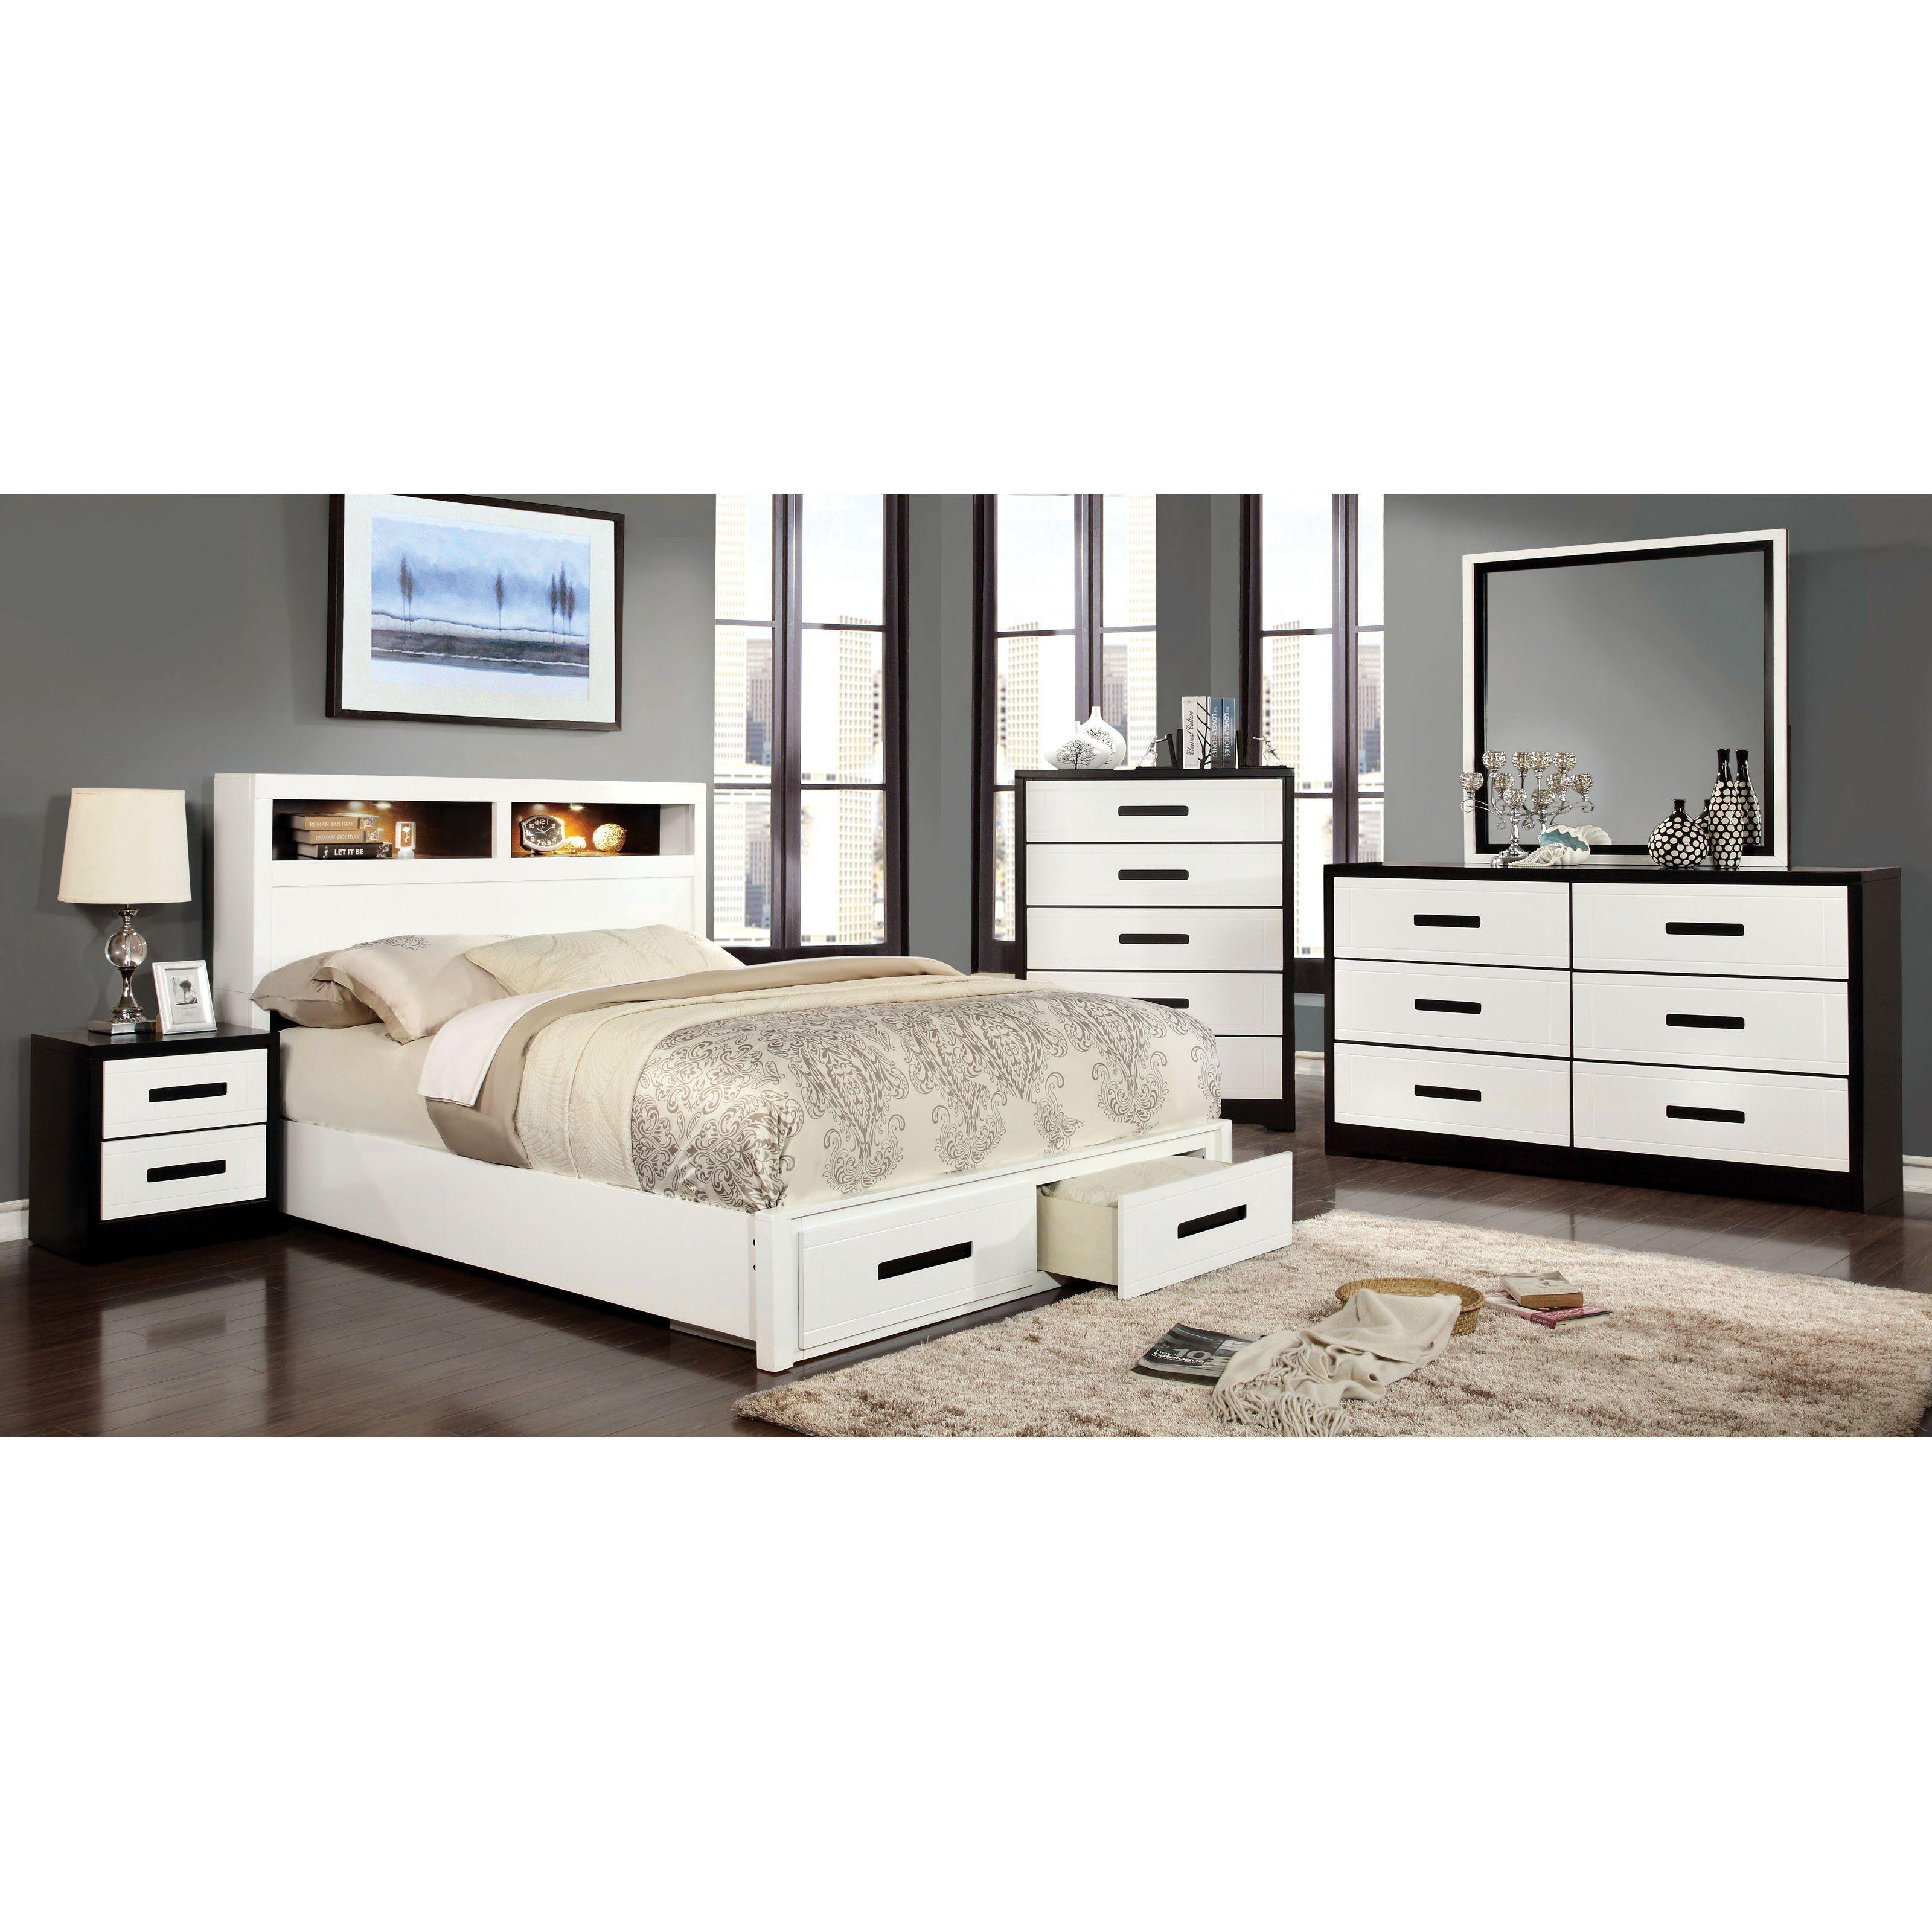 Furniture Of America Stegner Storage Bed Set  Idf7298Q2Pc Best Bedroom Sets With Storage Design Decoration